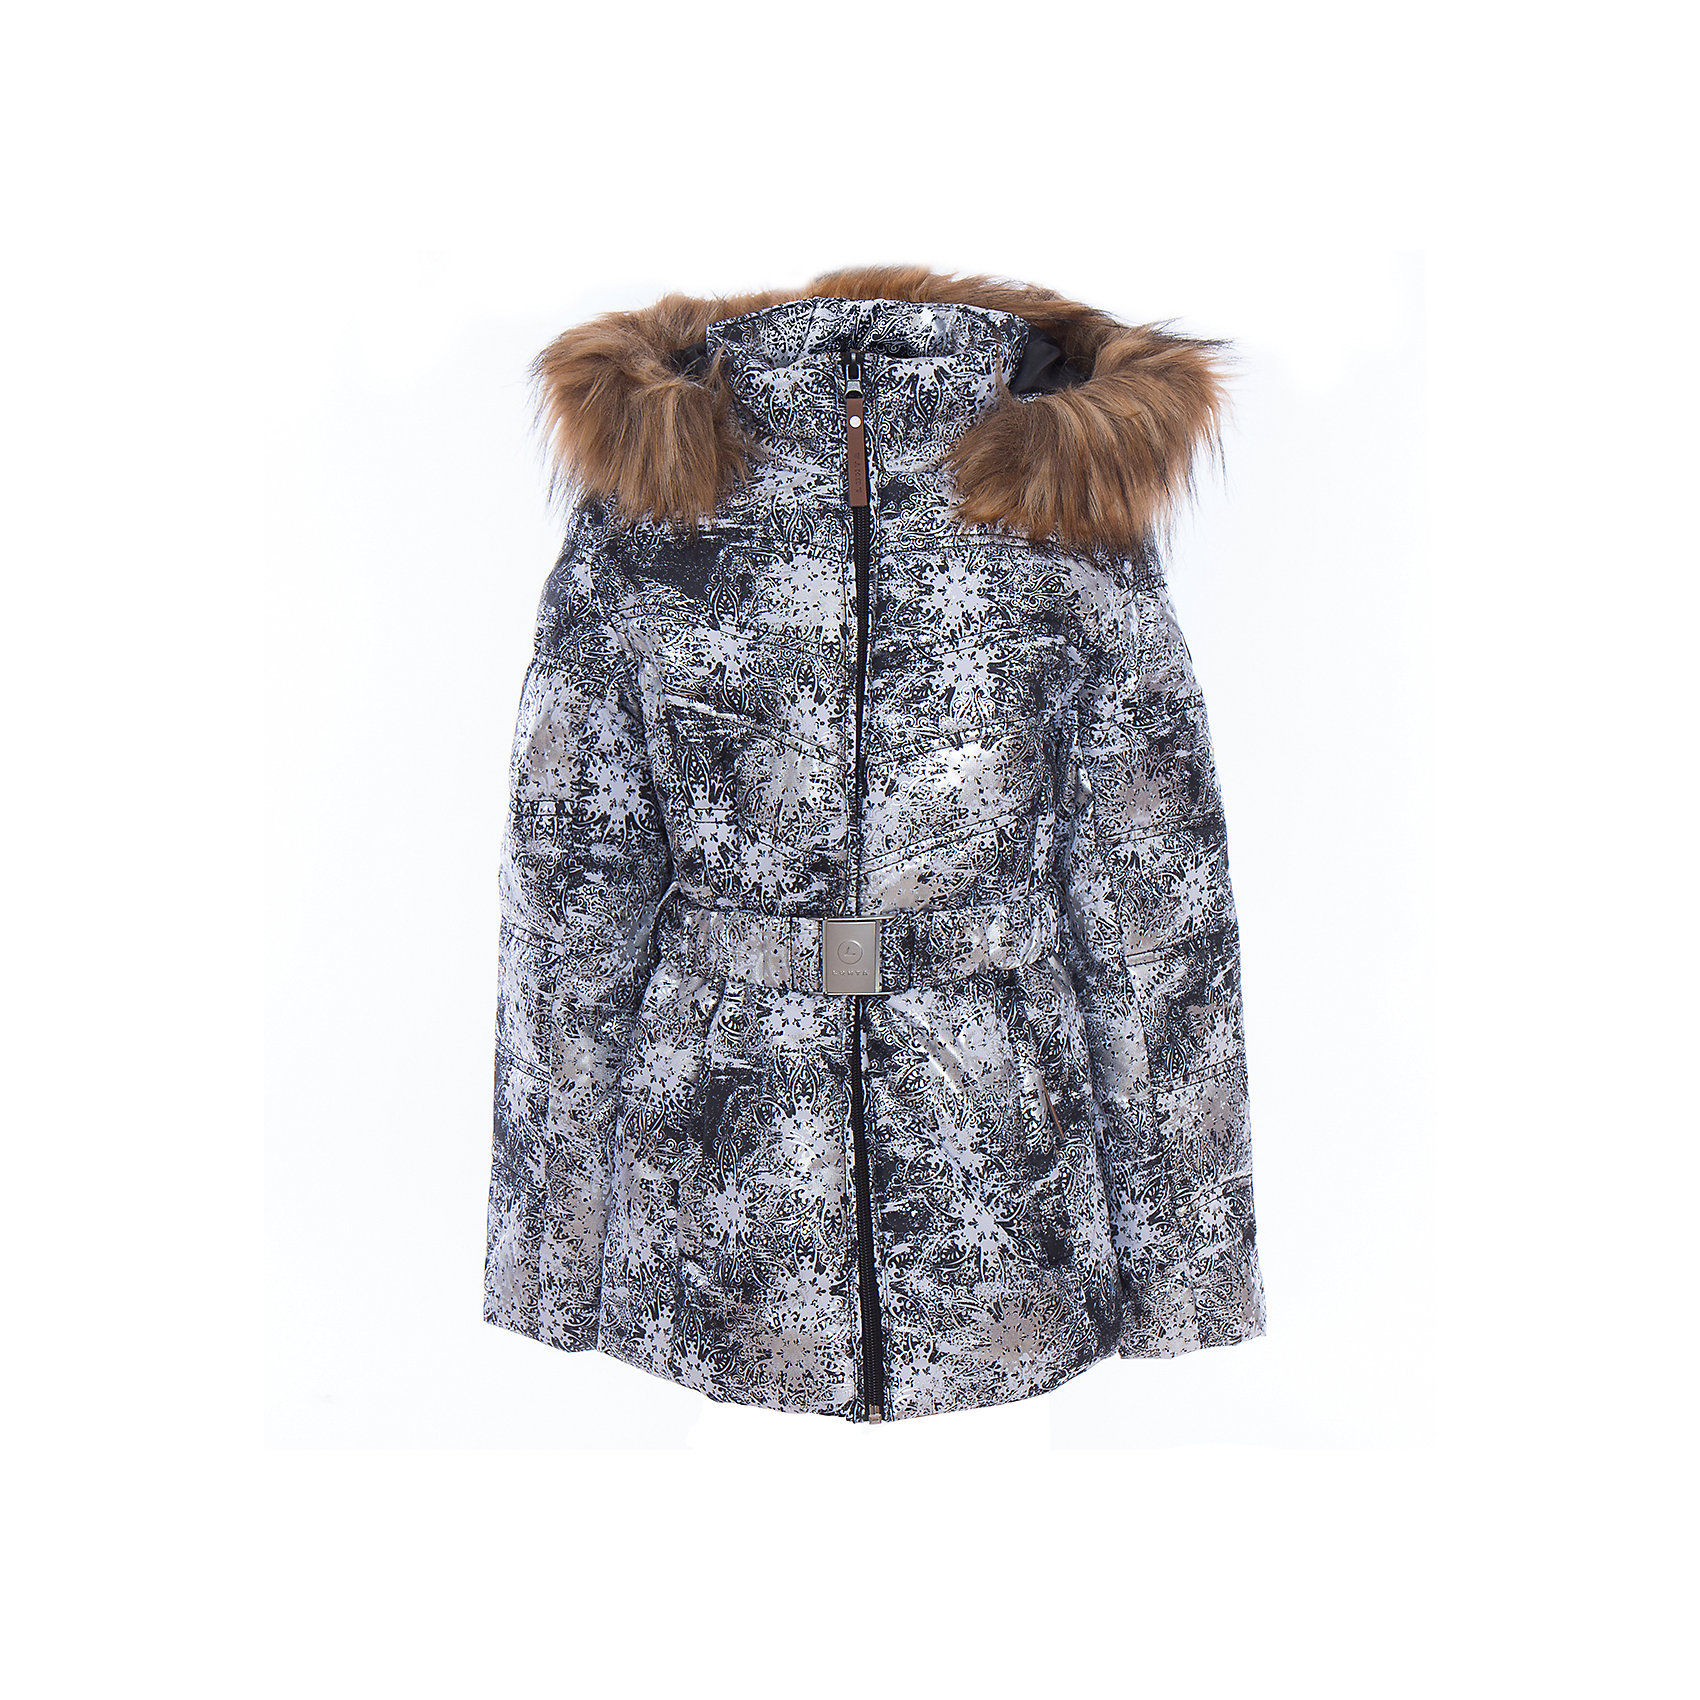 Куртка для девочки LuhtaОдежда<br>Куртка для девочки от известного бренда Luhta.<br>Куртка на поясе с отстегивающимся капюшоном, искусственный мех, принт, элегантный силуэт, боковые карманы на молнии, рукава заканчиваются эластичной резинкой, светоотражающие элементы, утепление 280 гр., искусственный утеплитель Finnwad, мембрана 2000/2000, рекомендуемый температурный режим до -30 град., термометр, показывающий температуру внутри верхней одежды.<br>Технологии: Luhta WATER REPELLENT, Luhta BREATHABLE, 2000/2000, Luhta SAFETY, Luhta TEMPERATURE CONTROL, Luhta FINNWAD, Luhta -30, Reflectors<br>Состав:<br>100% полиэстер<br><br>Ширина мм: 356<br>Глубина мм: 10<br>Высота мм: 245<br>Вес г: 519<br>Цвет: серый<br>Возраст от месяцев: 156<br>Возраст до месяцев: 168<br>Пол: Женский<br>Возраст: Детский<br>Размер: 164,128,134,140,146,152,158<br>SKU: 5413911